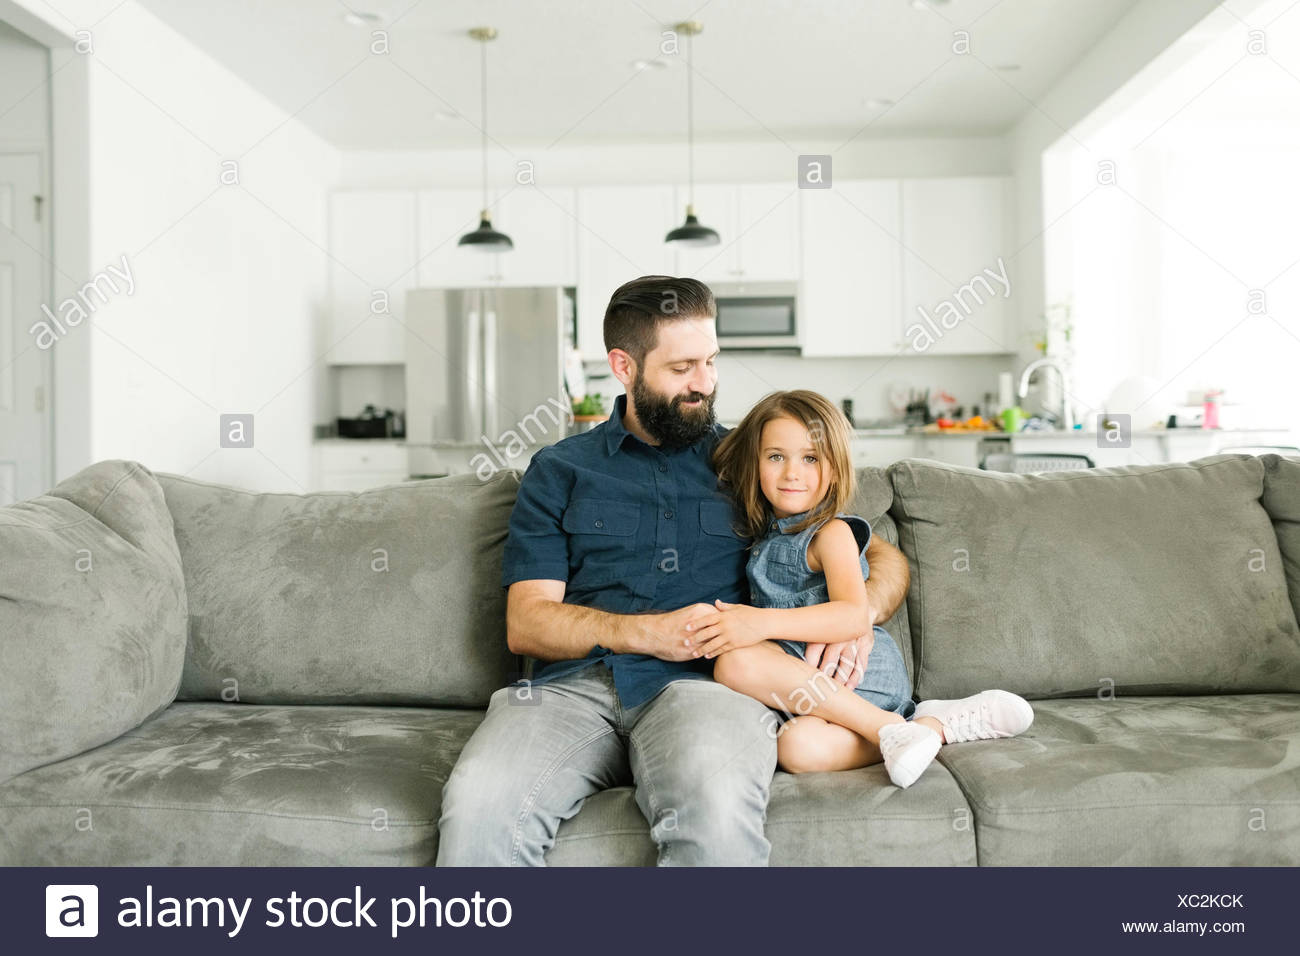 Padre con hija (6-7) sentados en un sofá en el salón Imagen De Stock